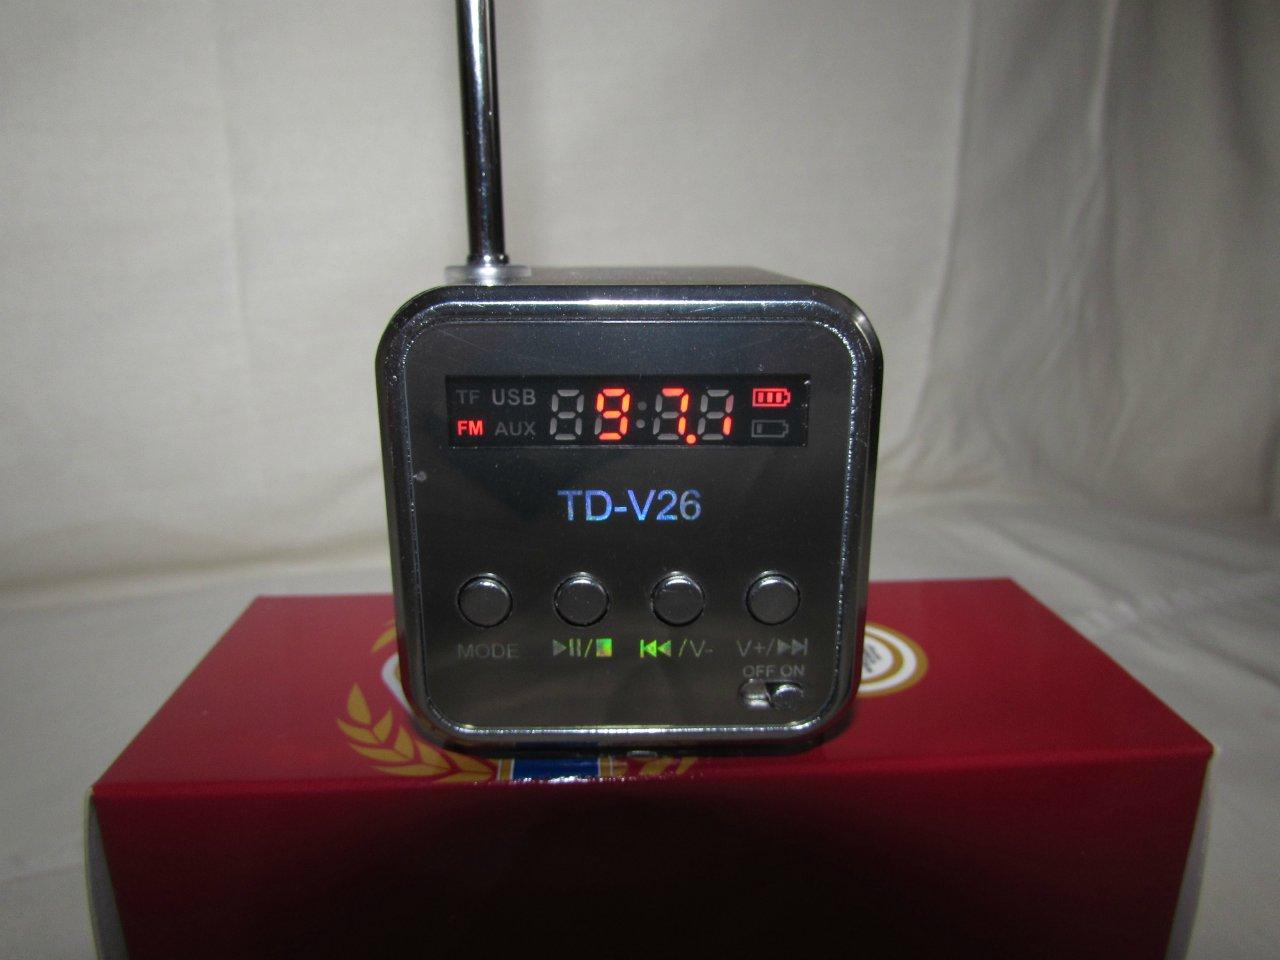 радио td-v26 инструкция